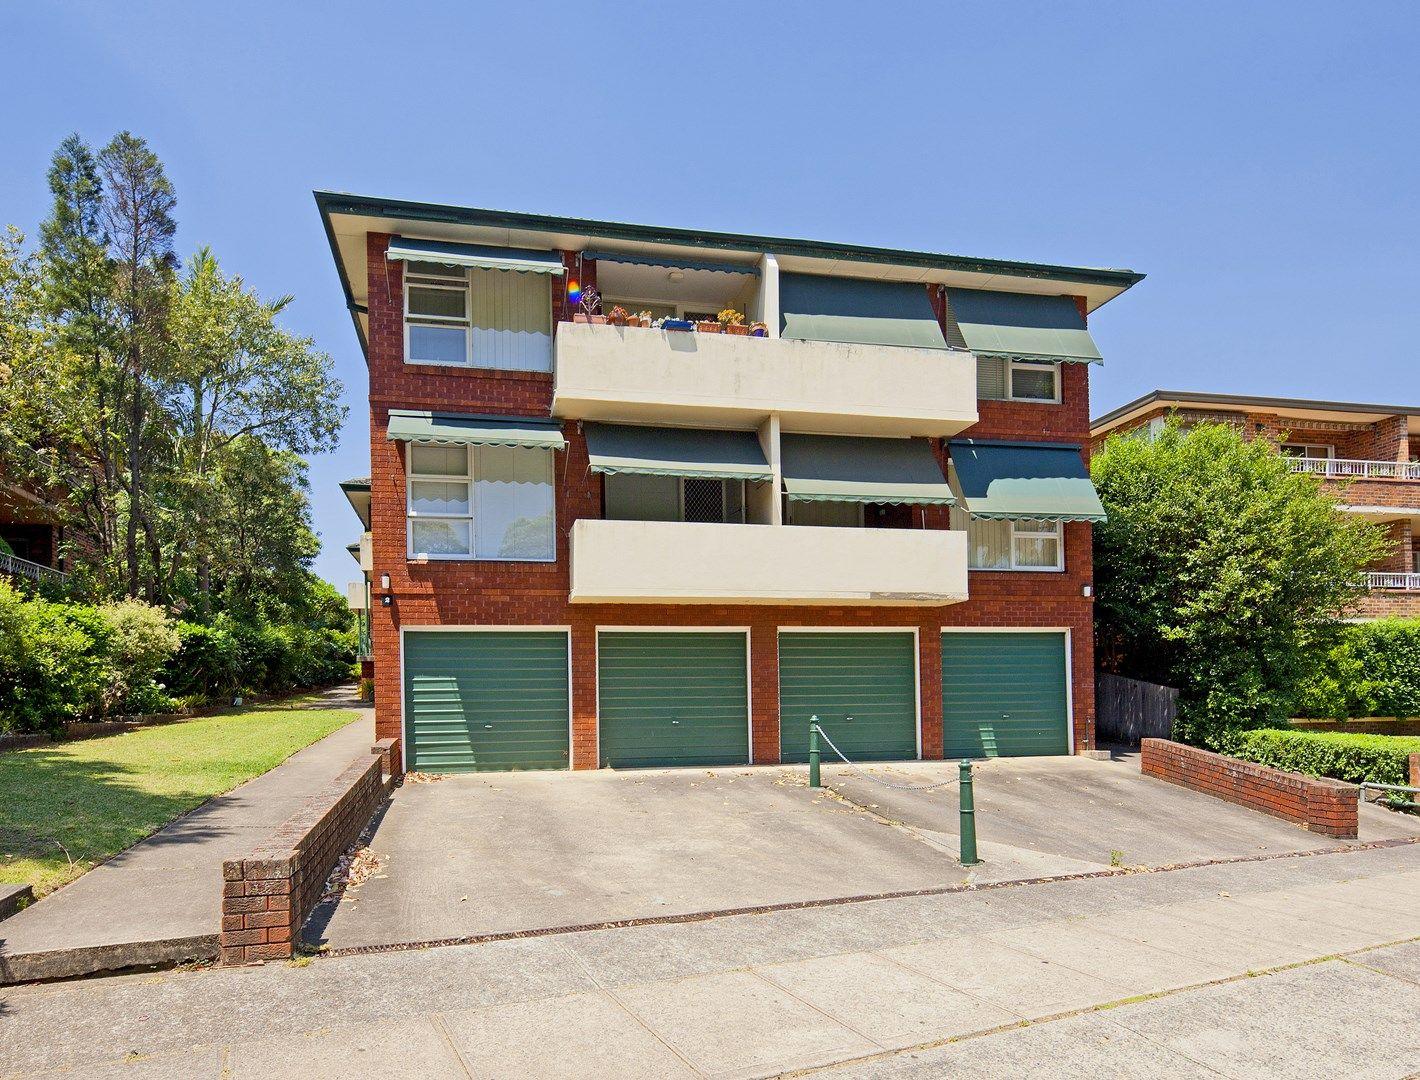 7/2 Oatley Avenue, Oatley NSW 2223, Image 0